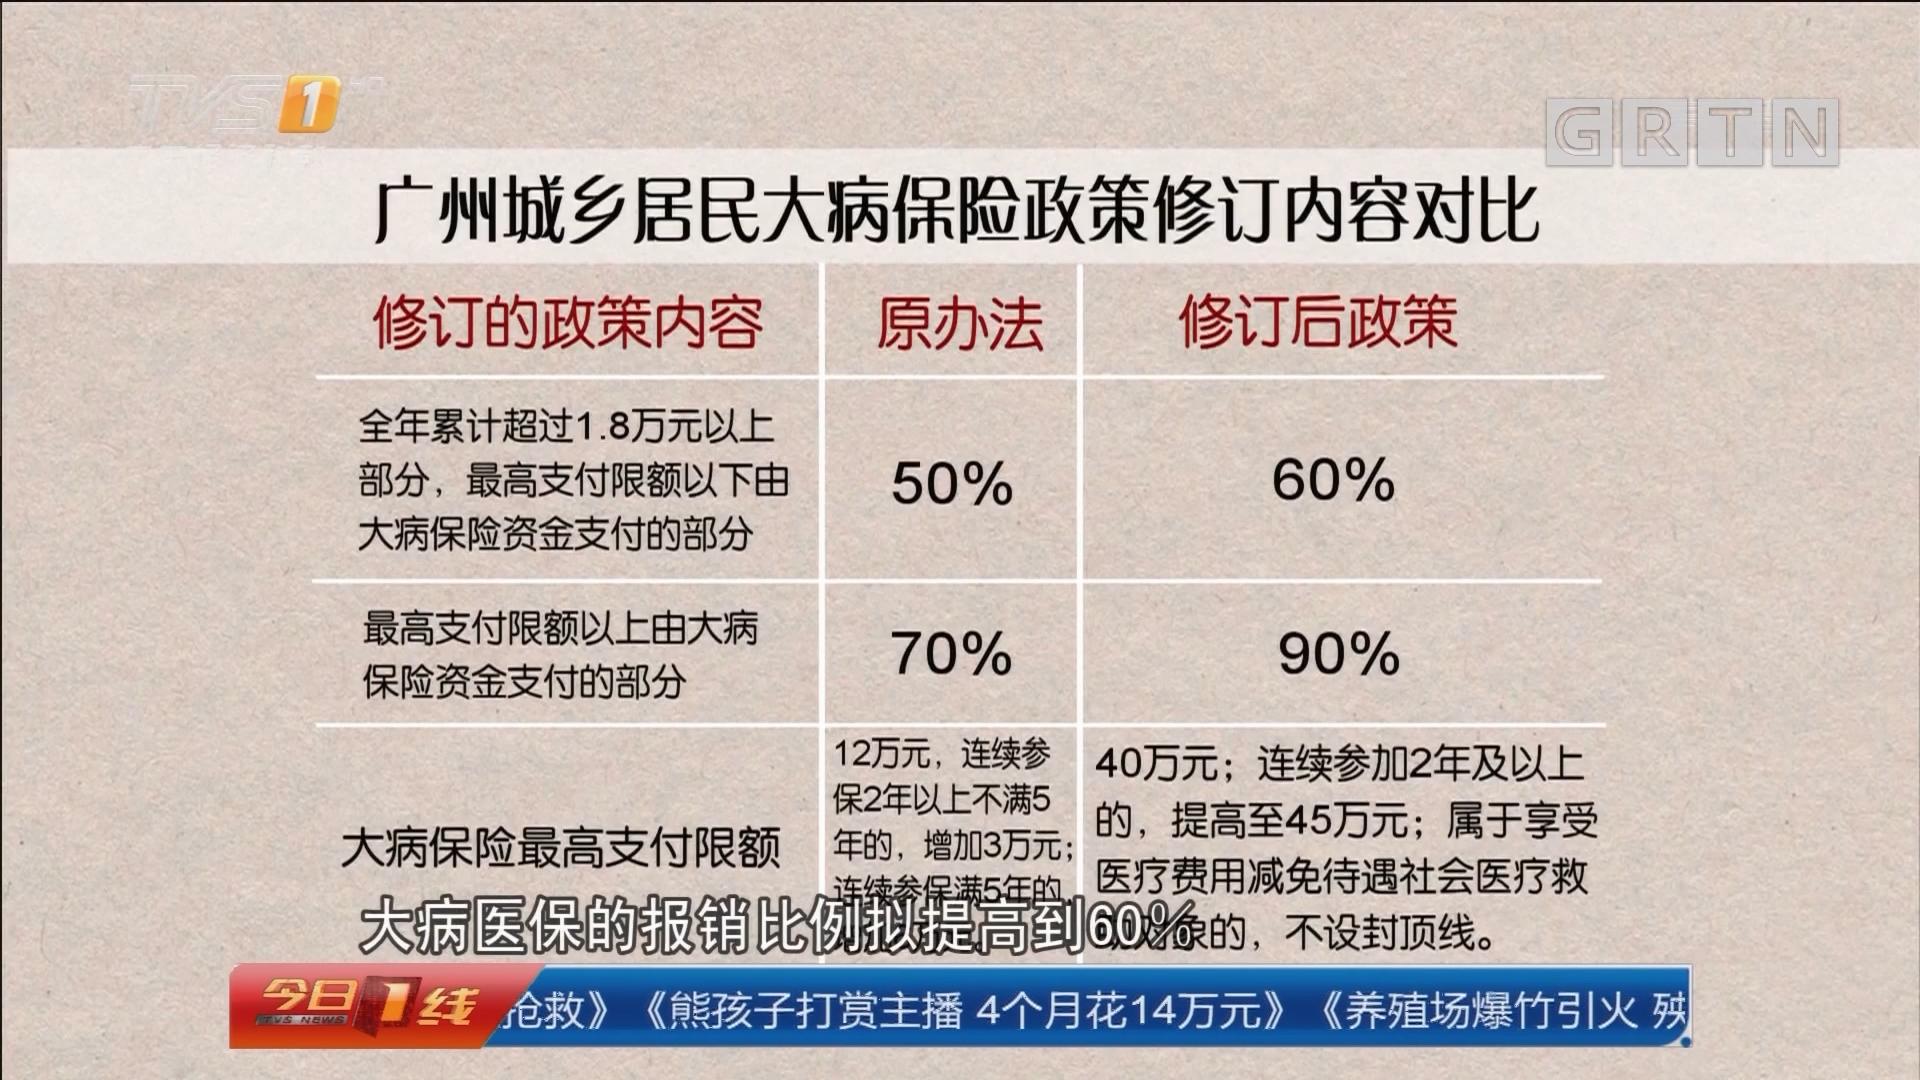 广州大病医保新规征意见:大病医保年最高报销额提至45万元!